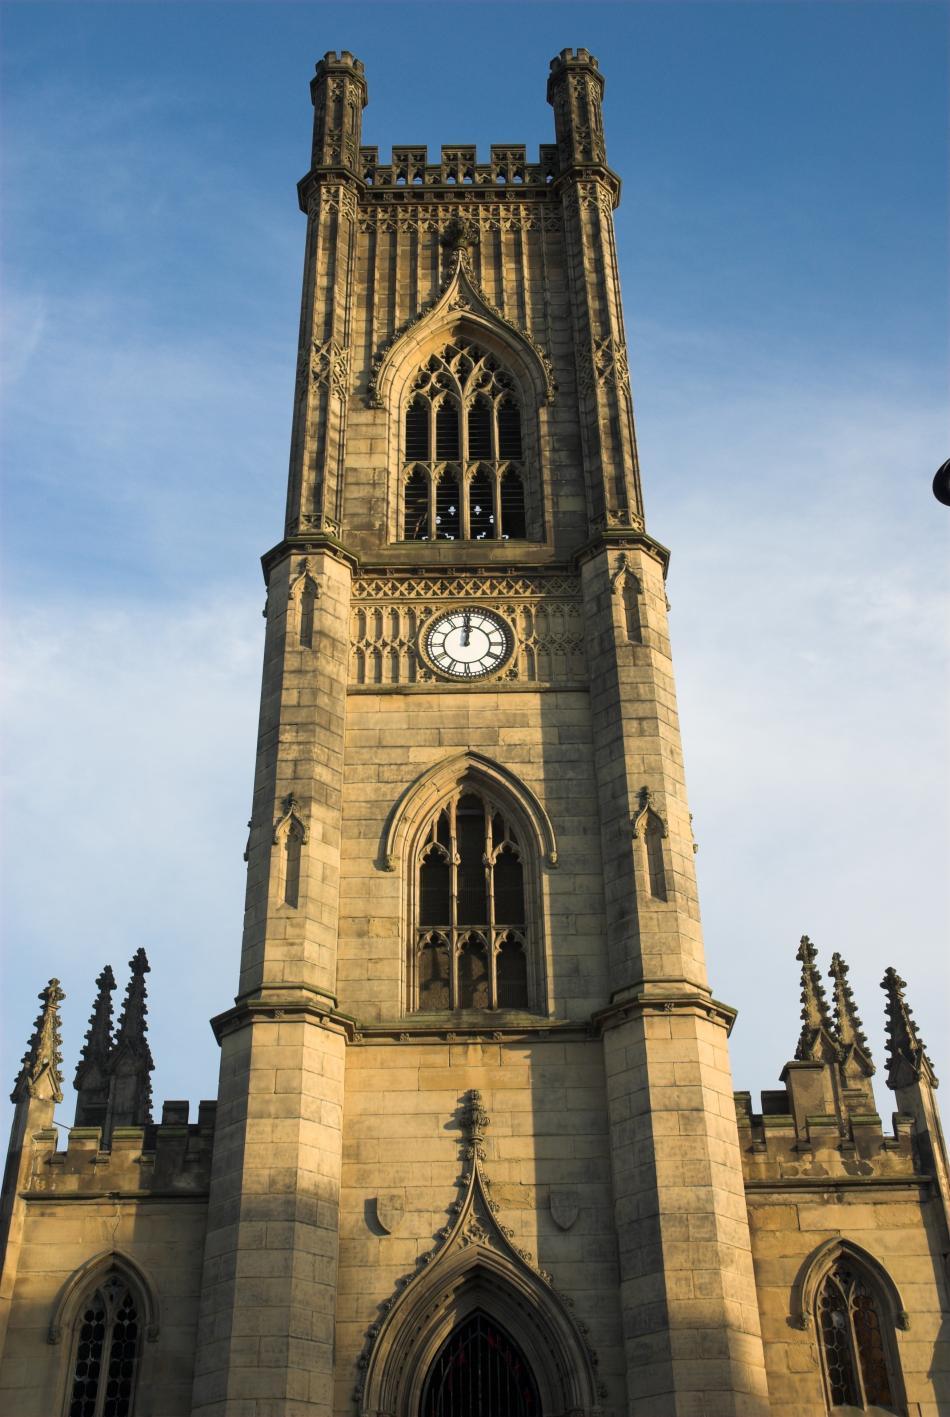 Kościół św. Łukasza w Liverpoolu